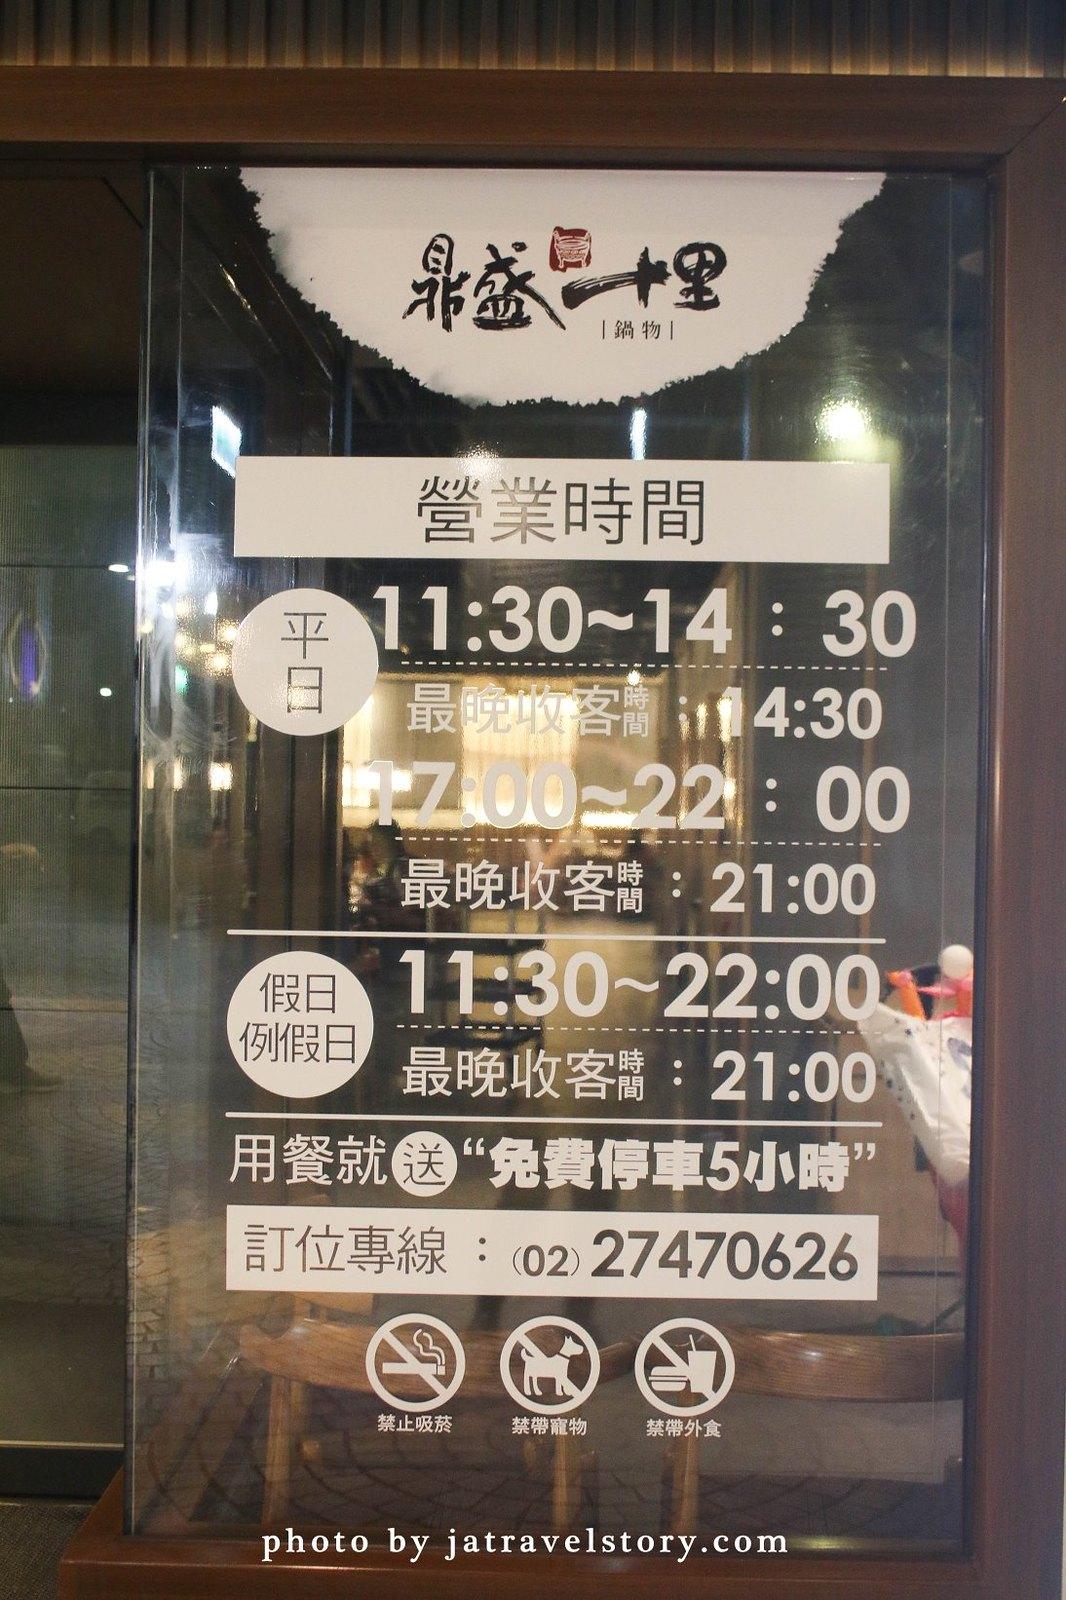 鼎盛十里鍋物 個人小火鍋$268起,免費停車,飲料冰淇淋免費吃到飽【捷運南京三民】京華城美食 @J&A的旅行